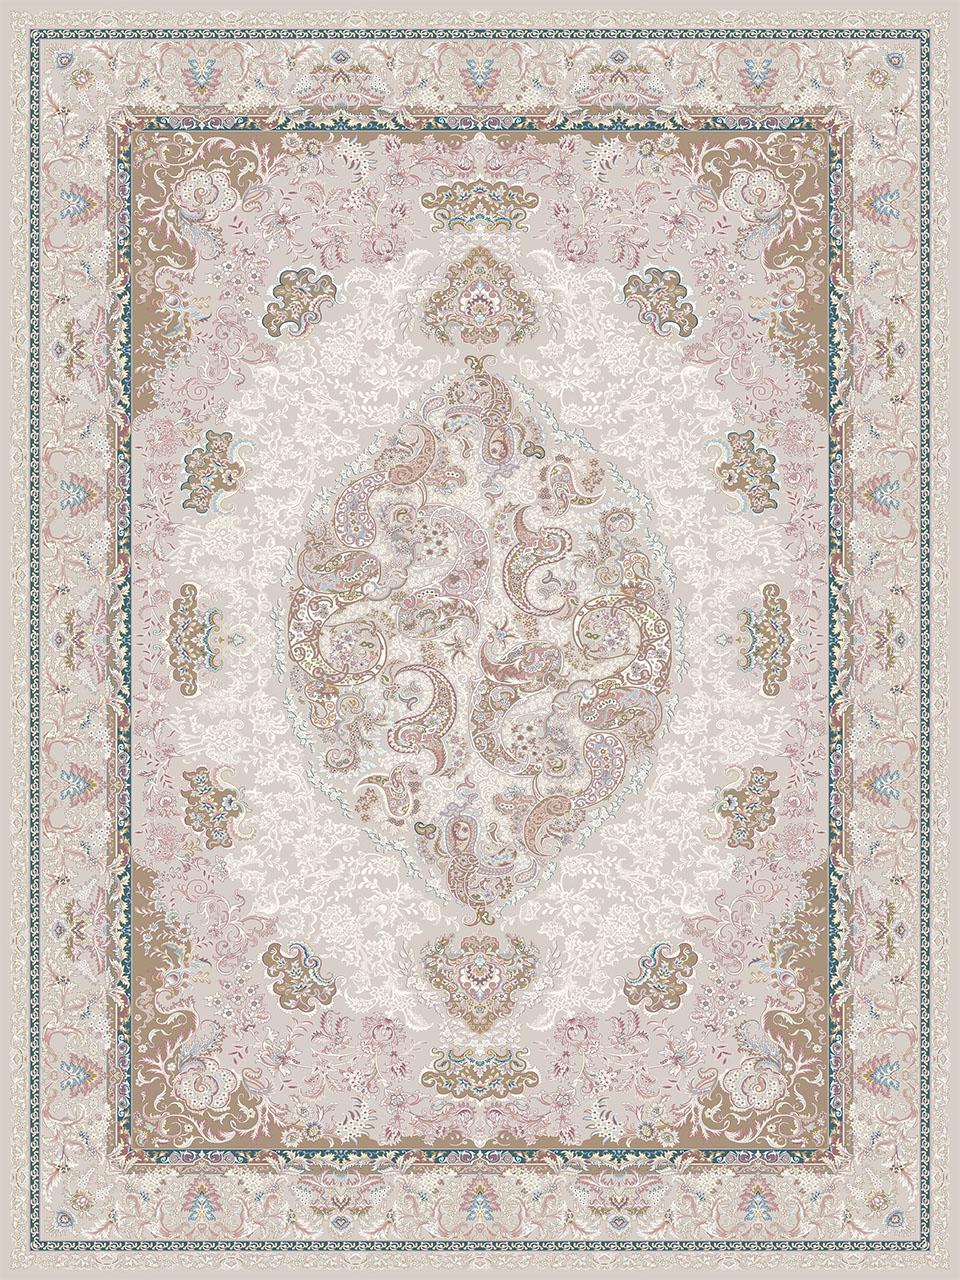 فرش (26005) اکریلیک - 8 رنگ - 700 شانه - طوسي - تراکم 2550